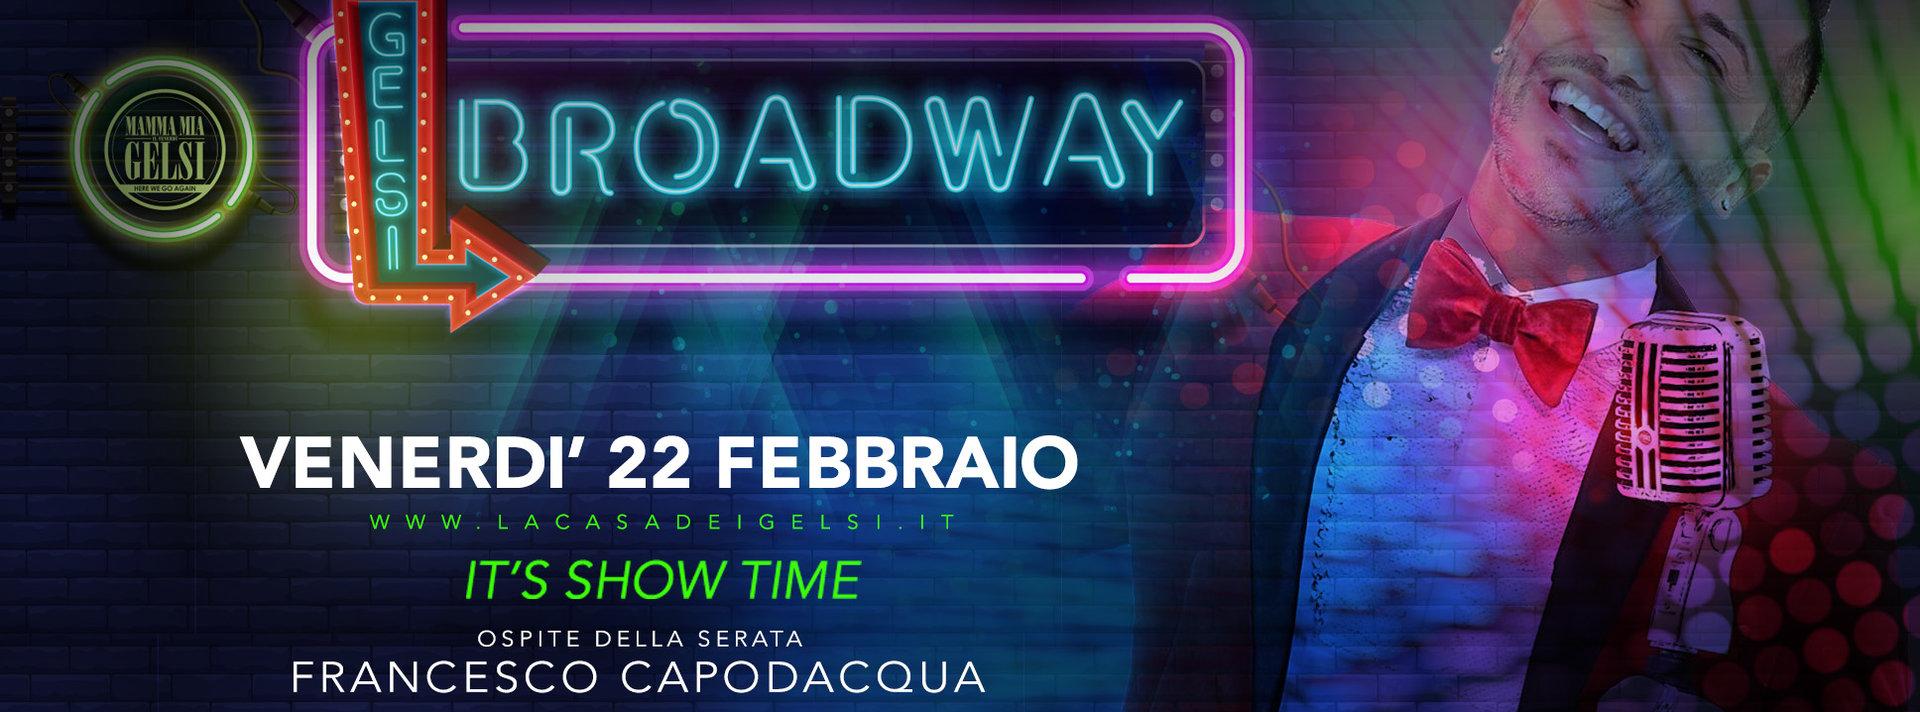 Broadway con F. Capodacqua